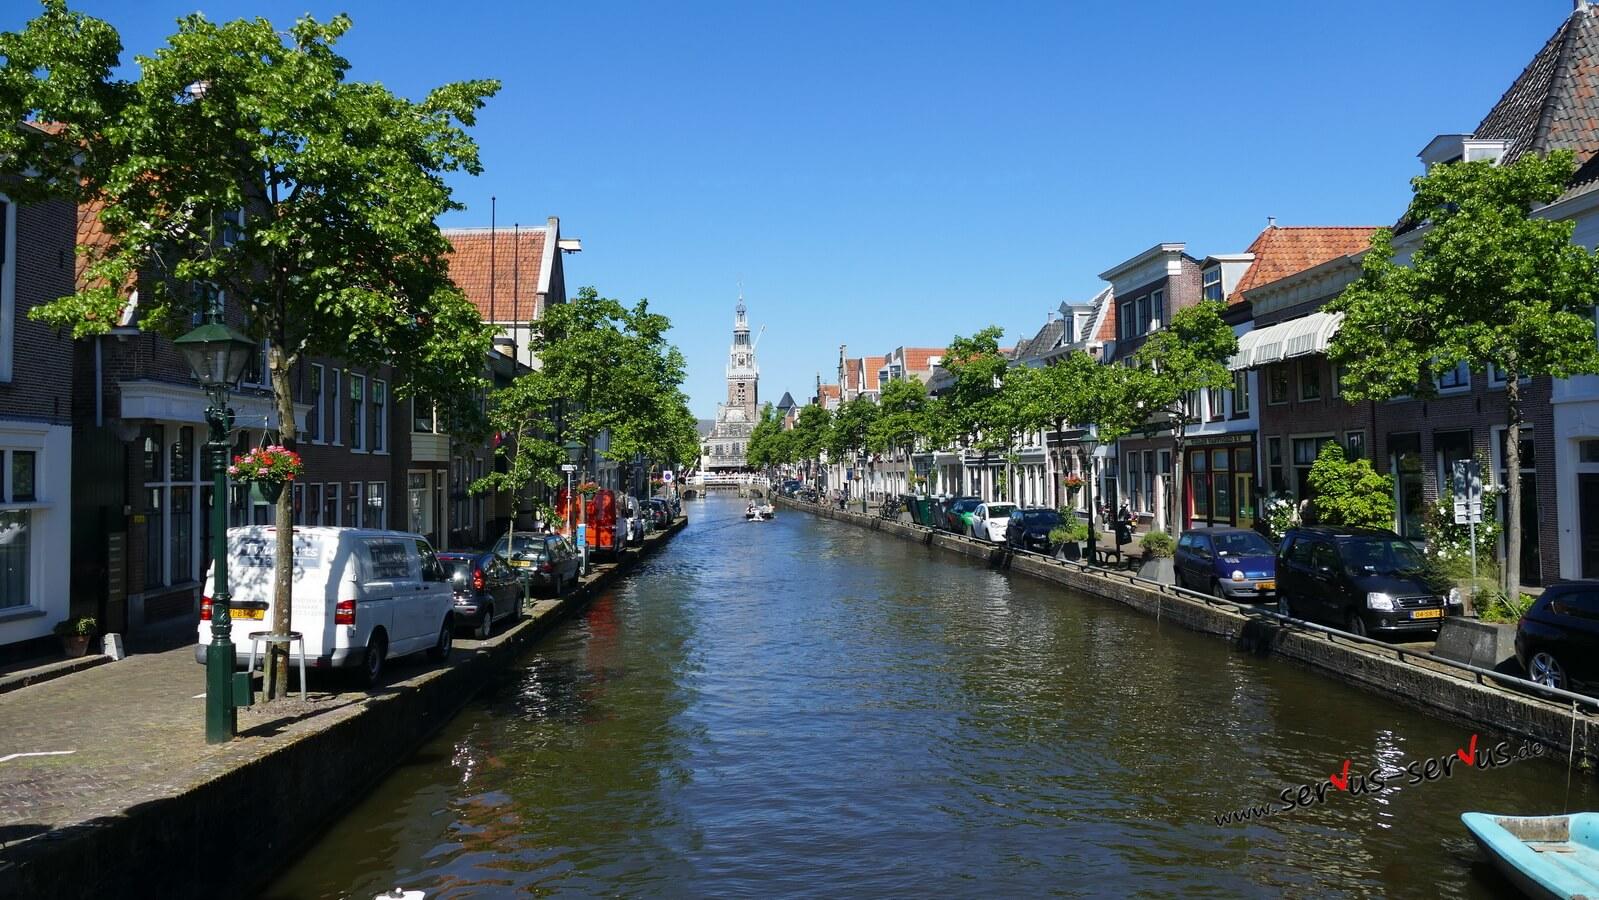 Glockenturm De Waag, Alkmaar